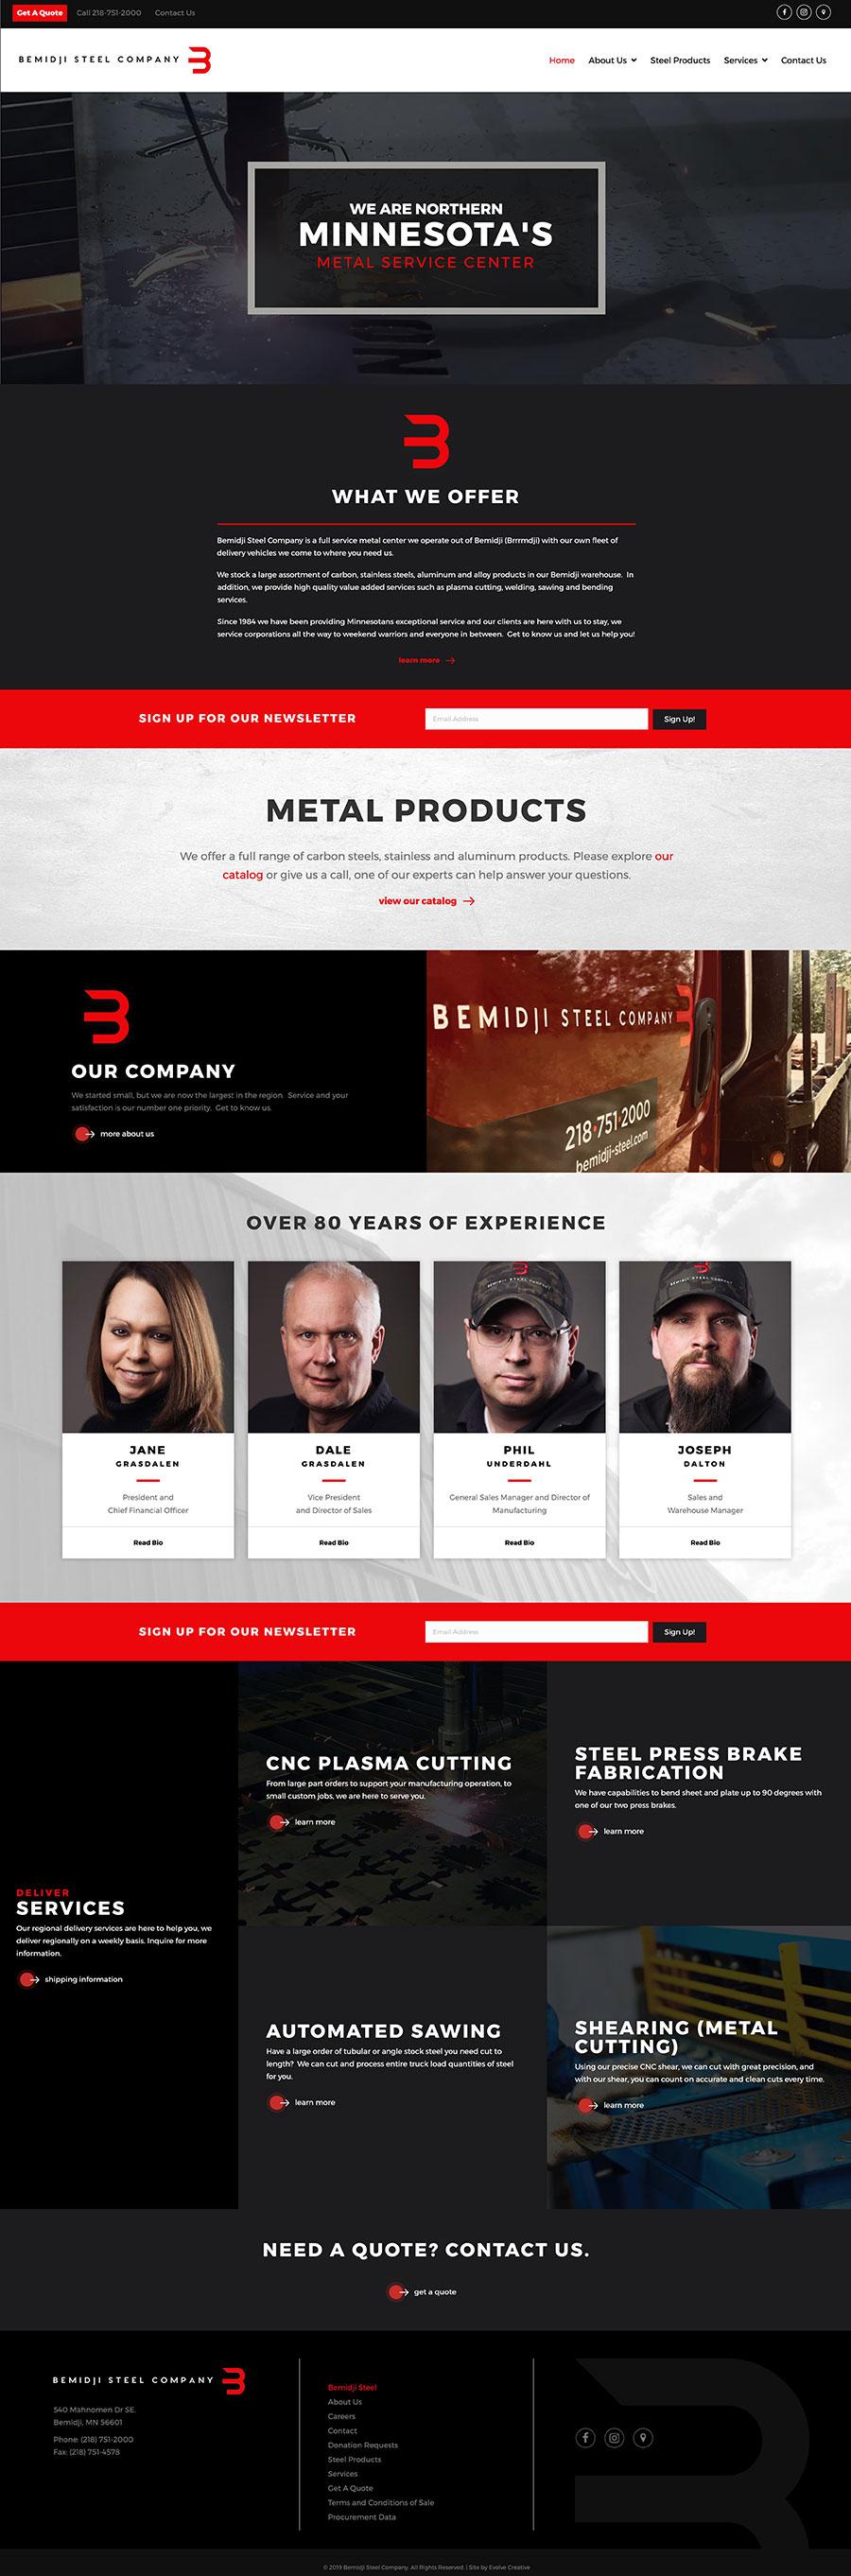 Bemidji Steel Website